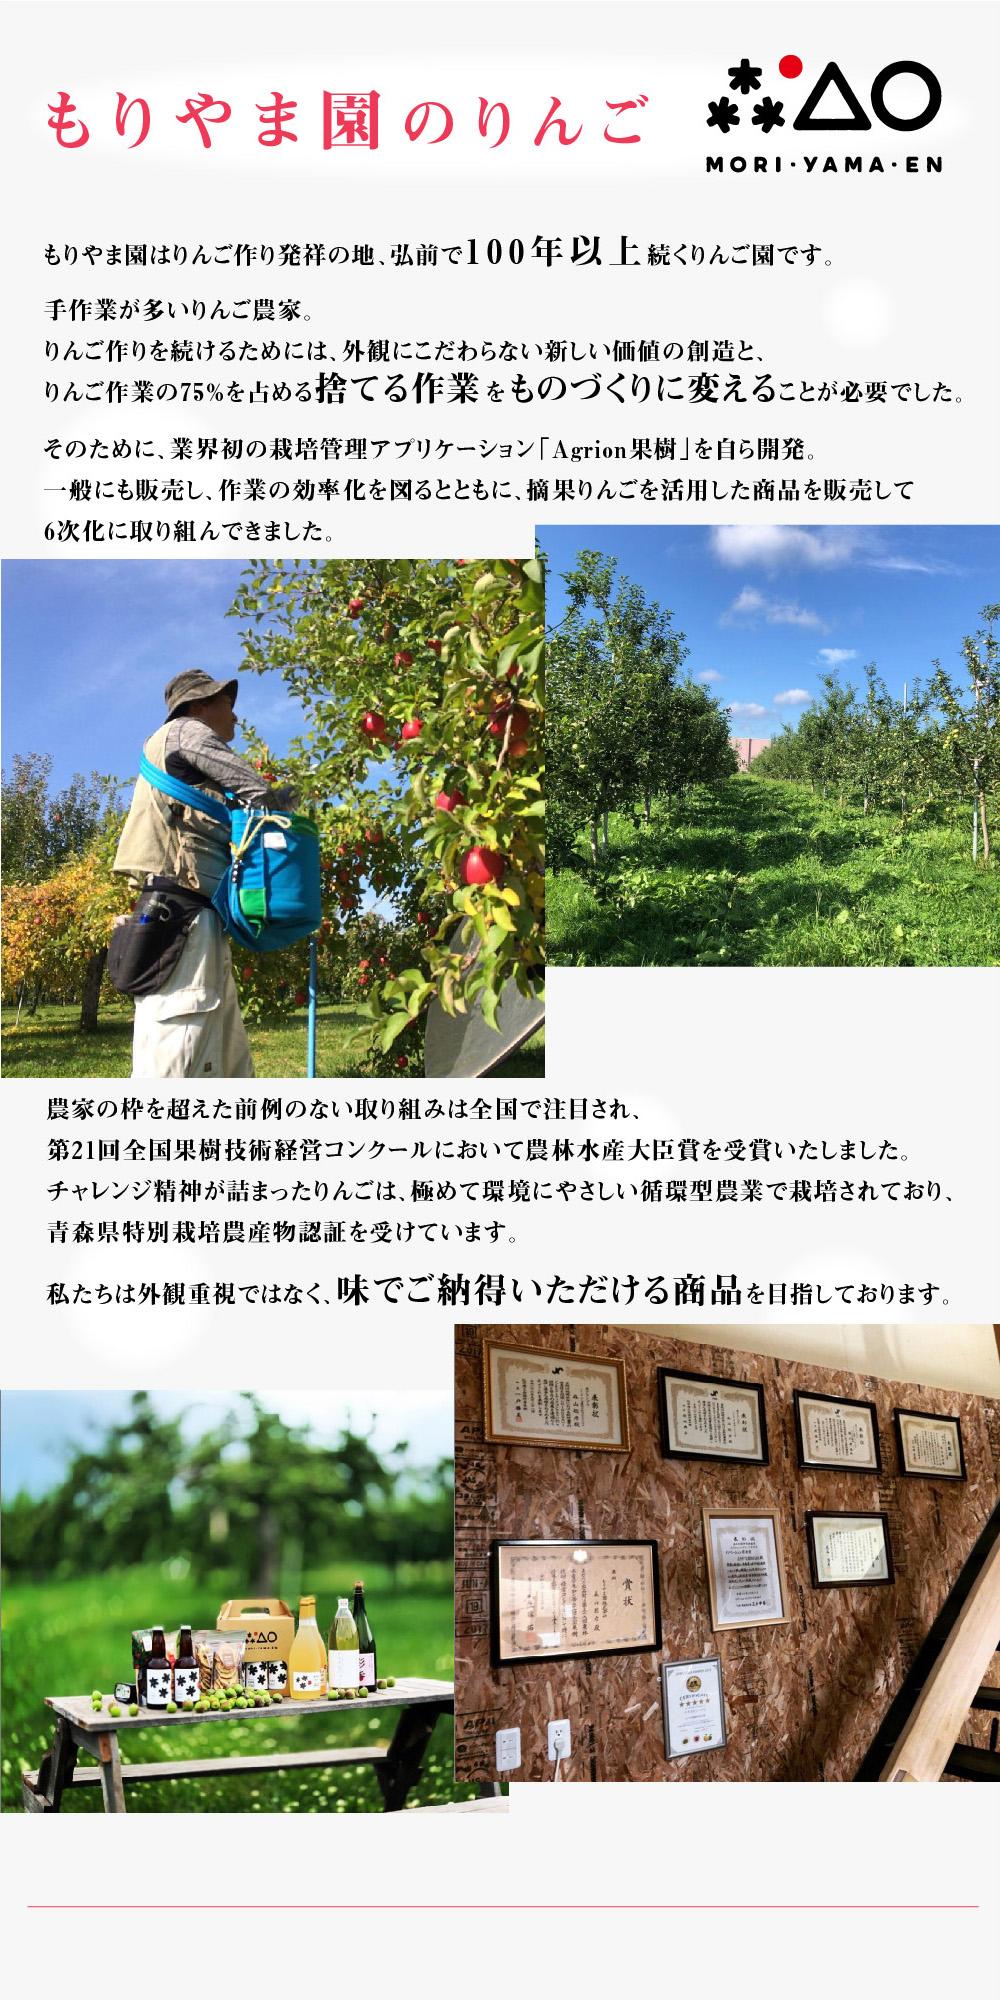 おまかせりんご商品説明3